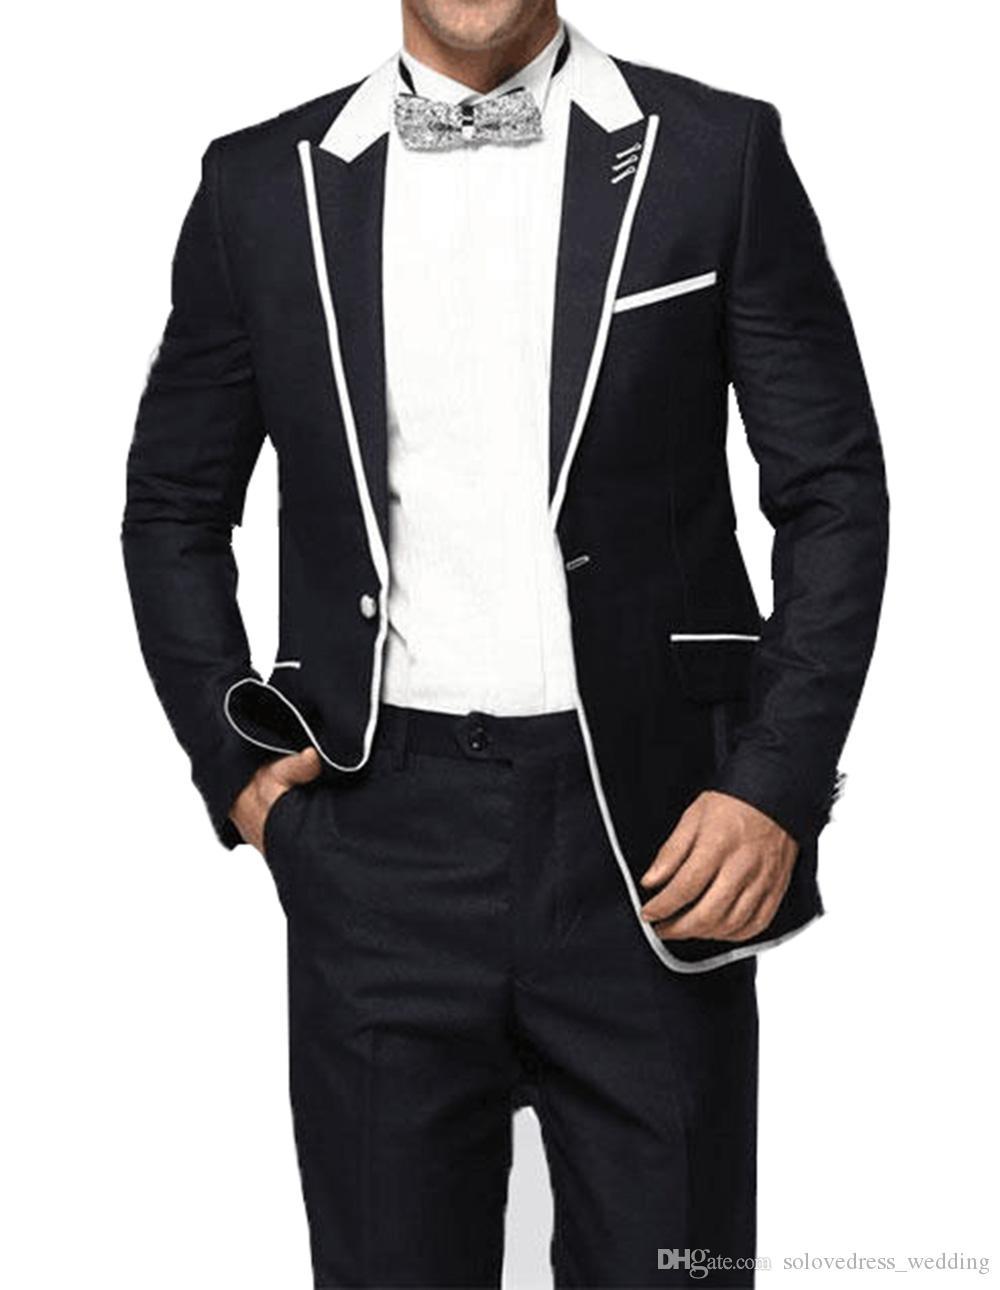 2019 Costume Hommes pour mariage Slim Fit 2 pièces Costume de marié smokings personnalisé Costume Formel Pour Le Mariage Bestmen